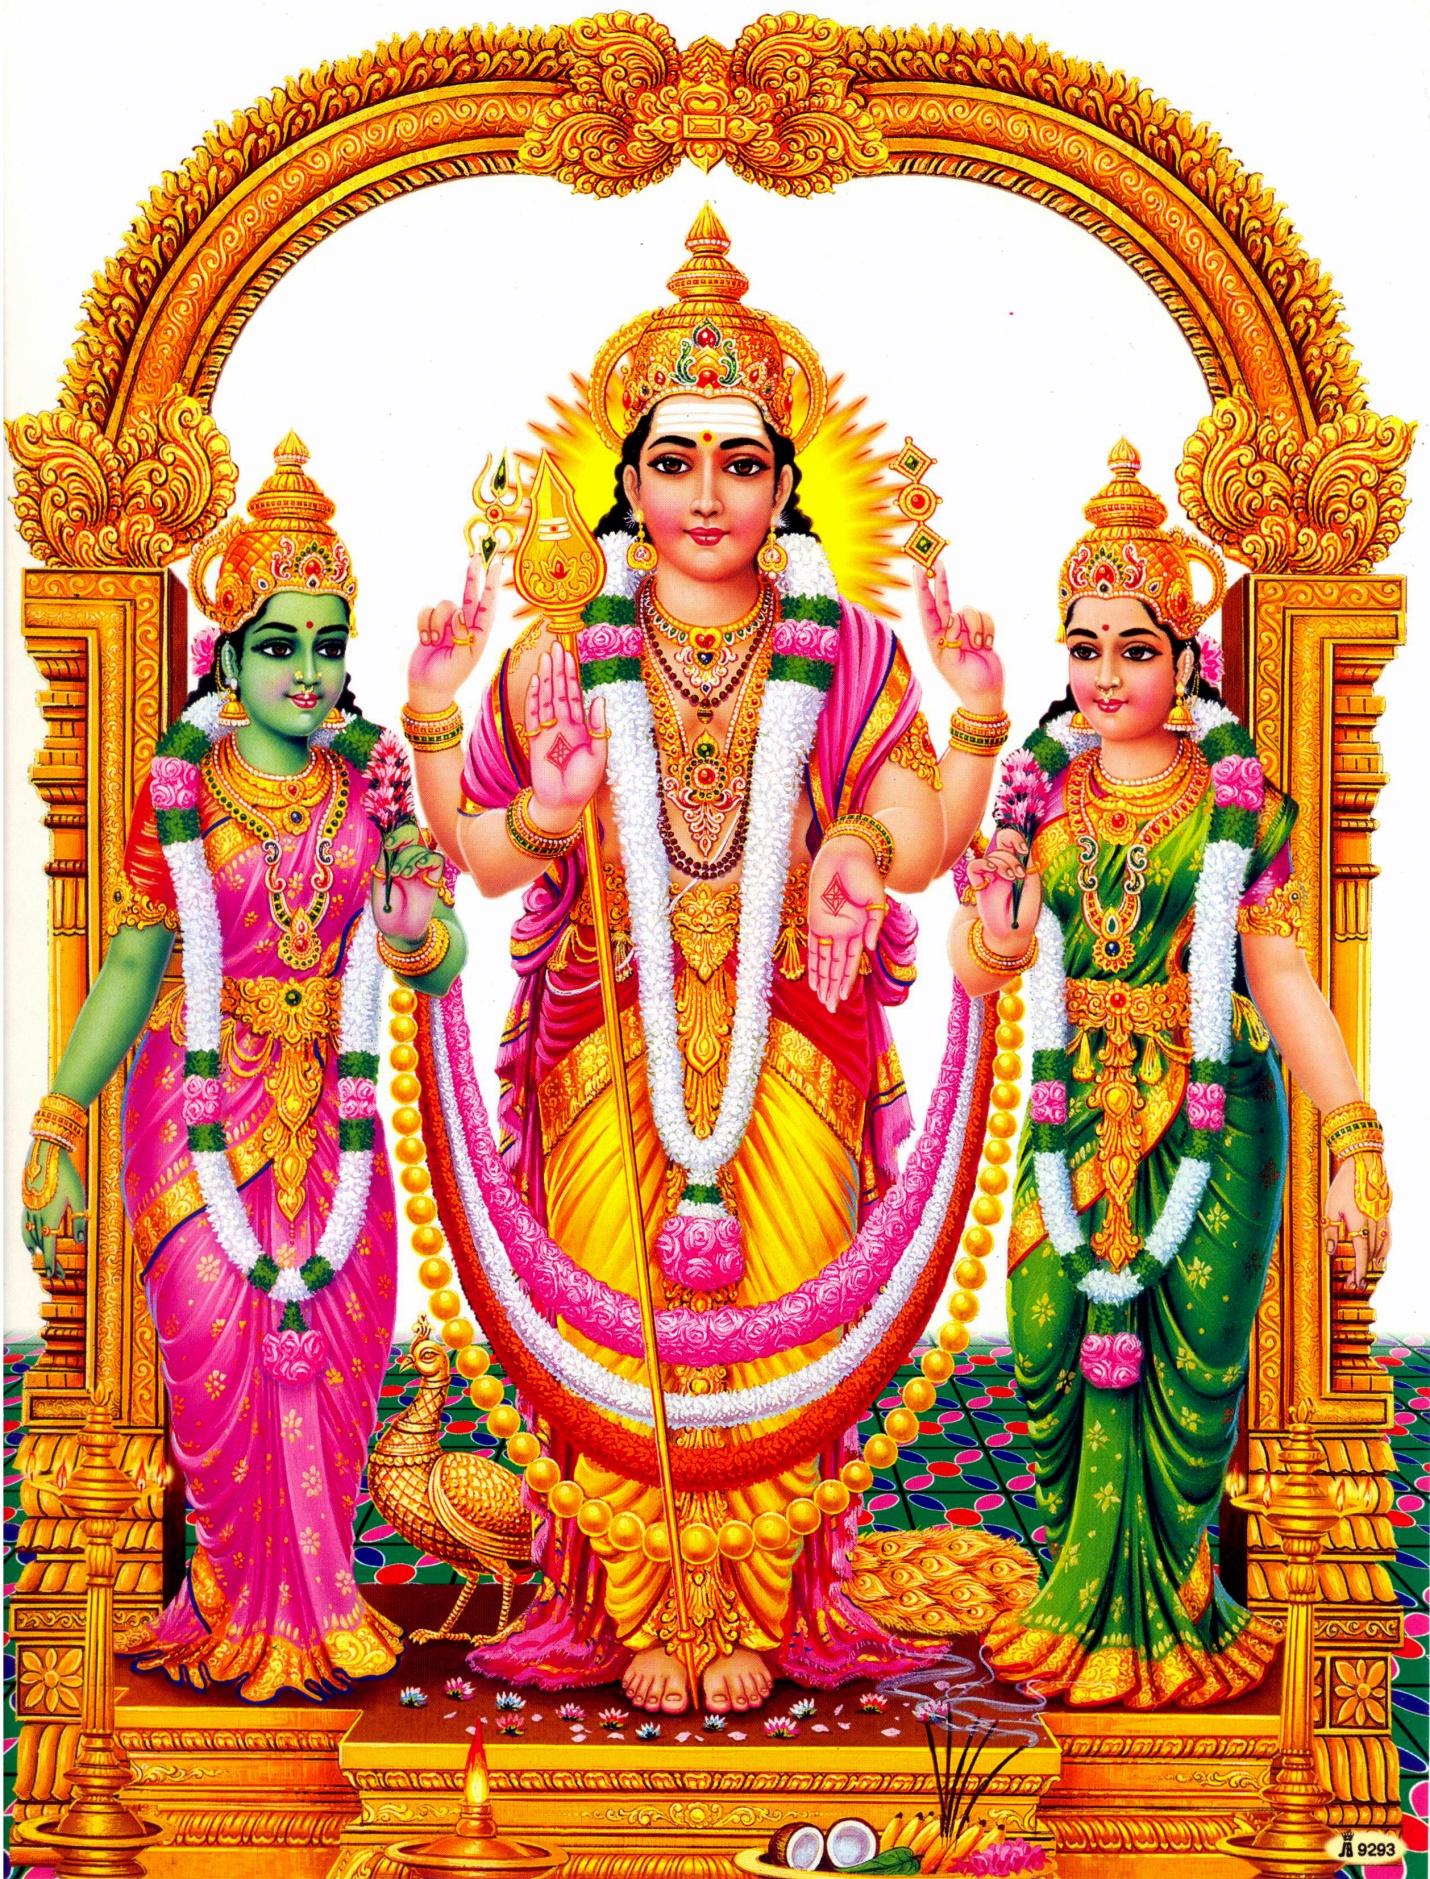 murugan images hd wallpaper 1080p